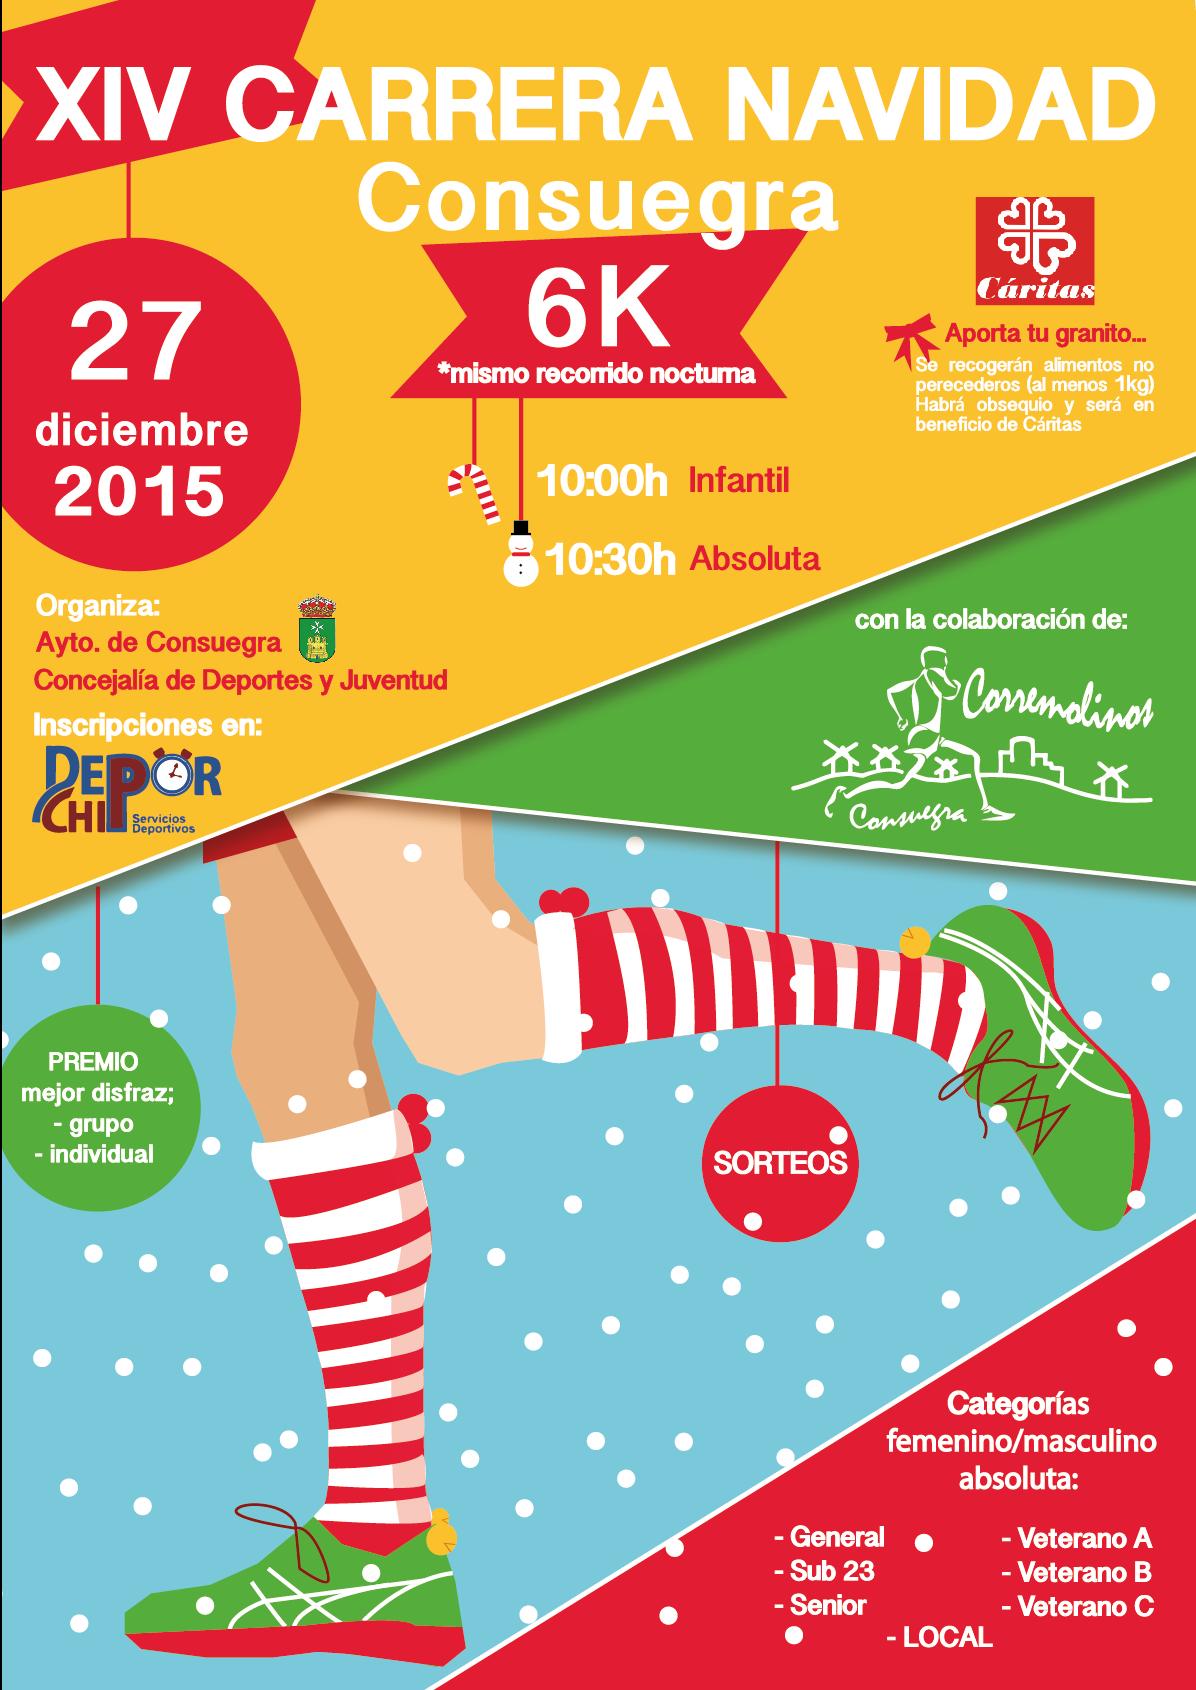 cartel-carrera-navidad-consuegra2015.png - 448.84 KB